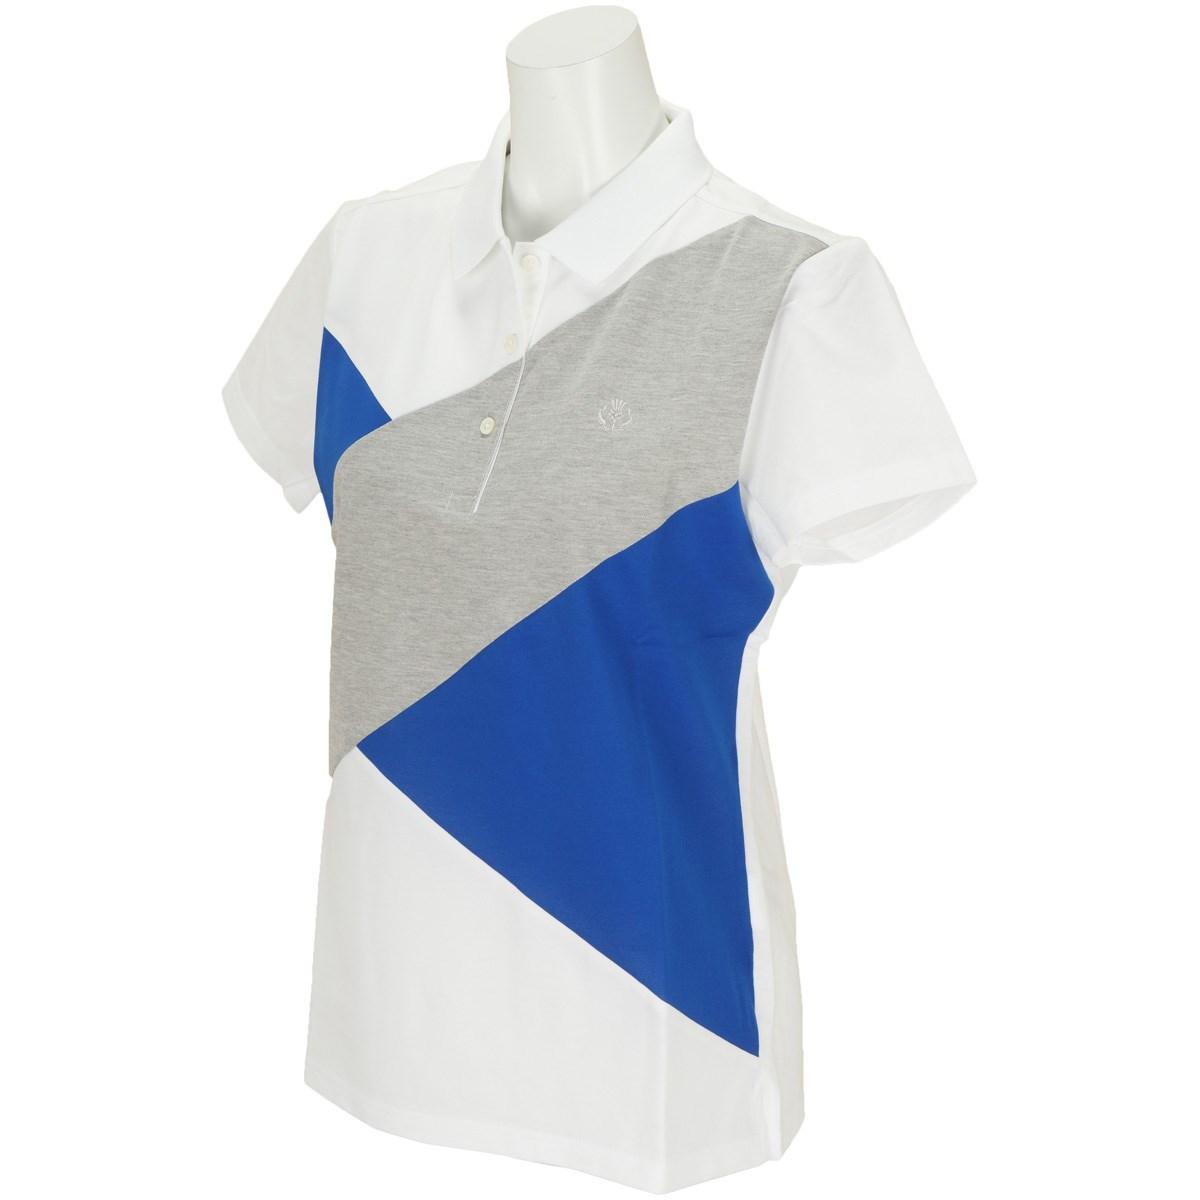 セント・アンドリュース St ANDREWS WH COOLMAXハイゲージハニカムクロス配色半袖ポロシャツ M ホワイト/ブルー/グレー 030 レディス